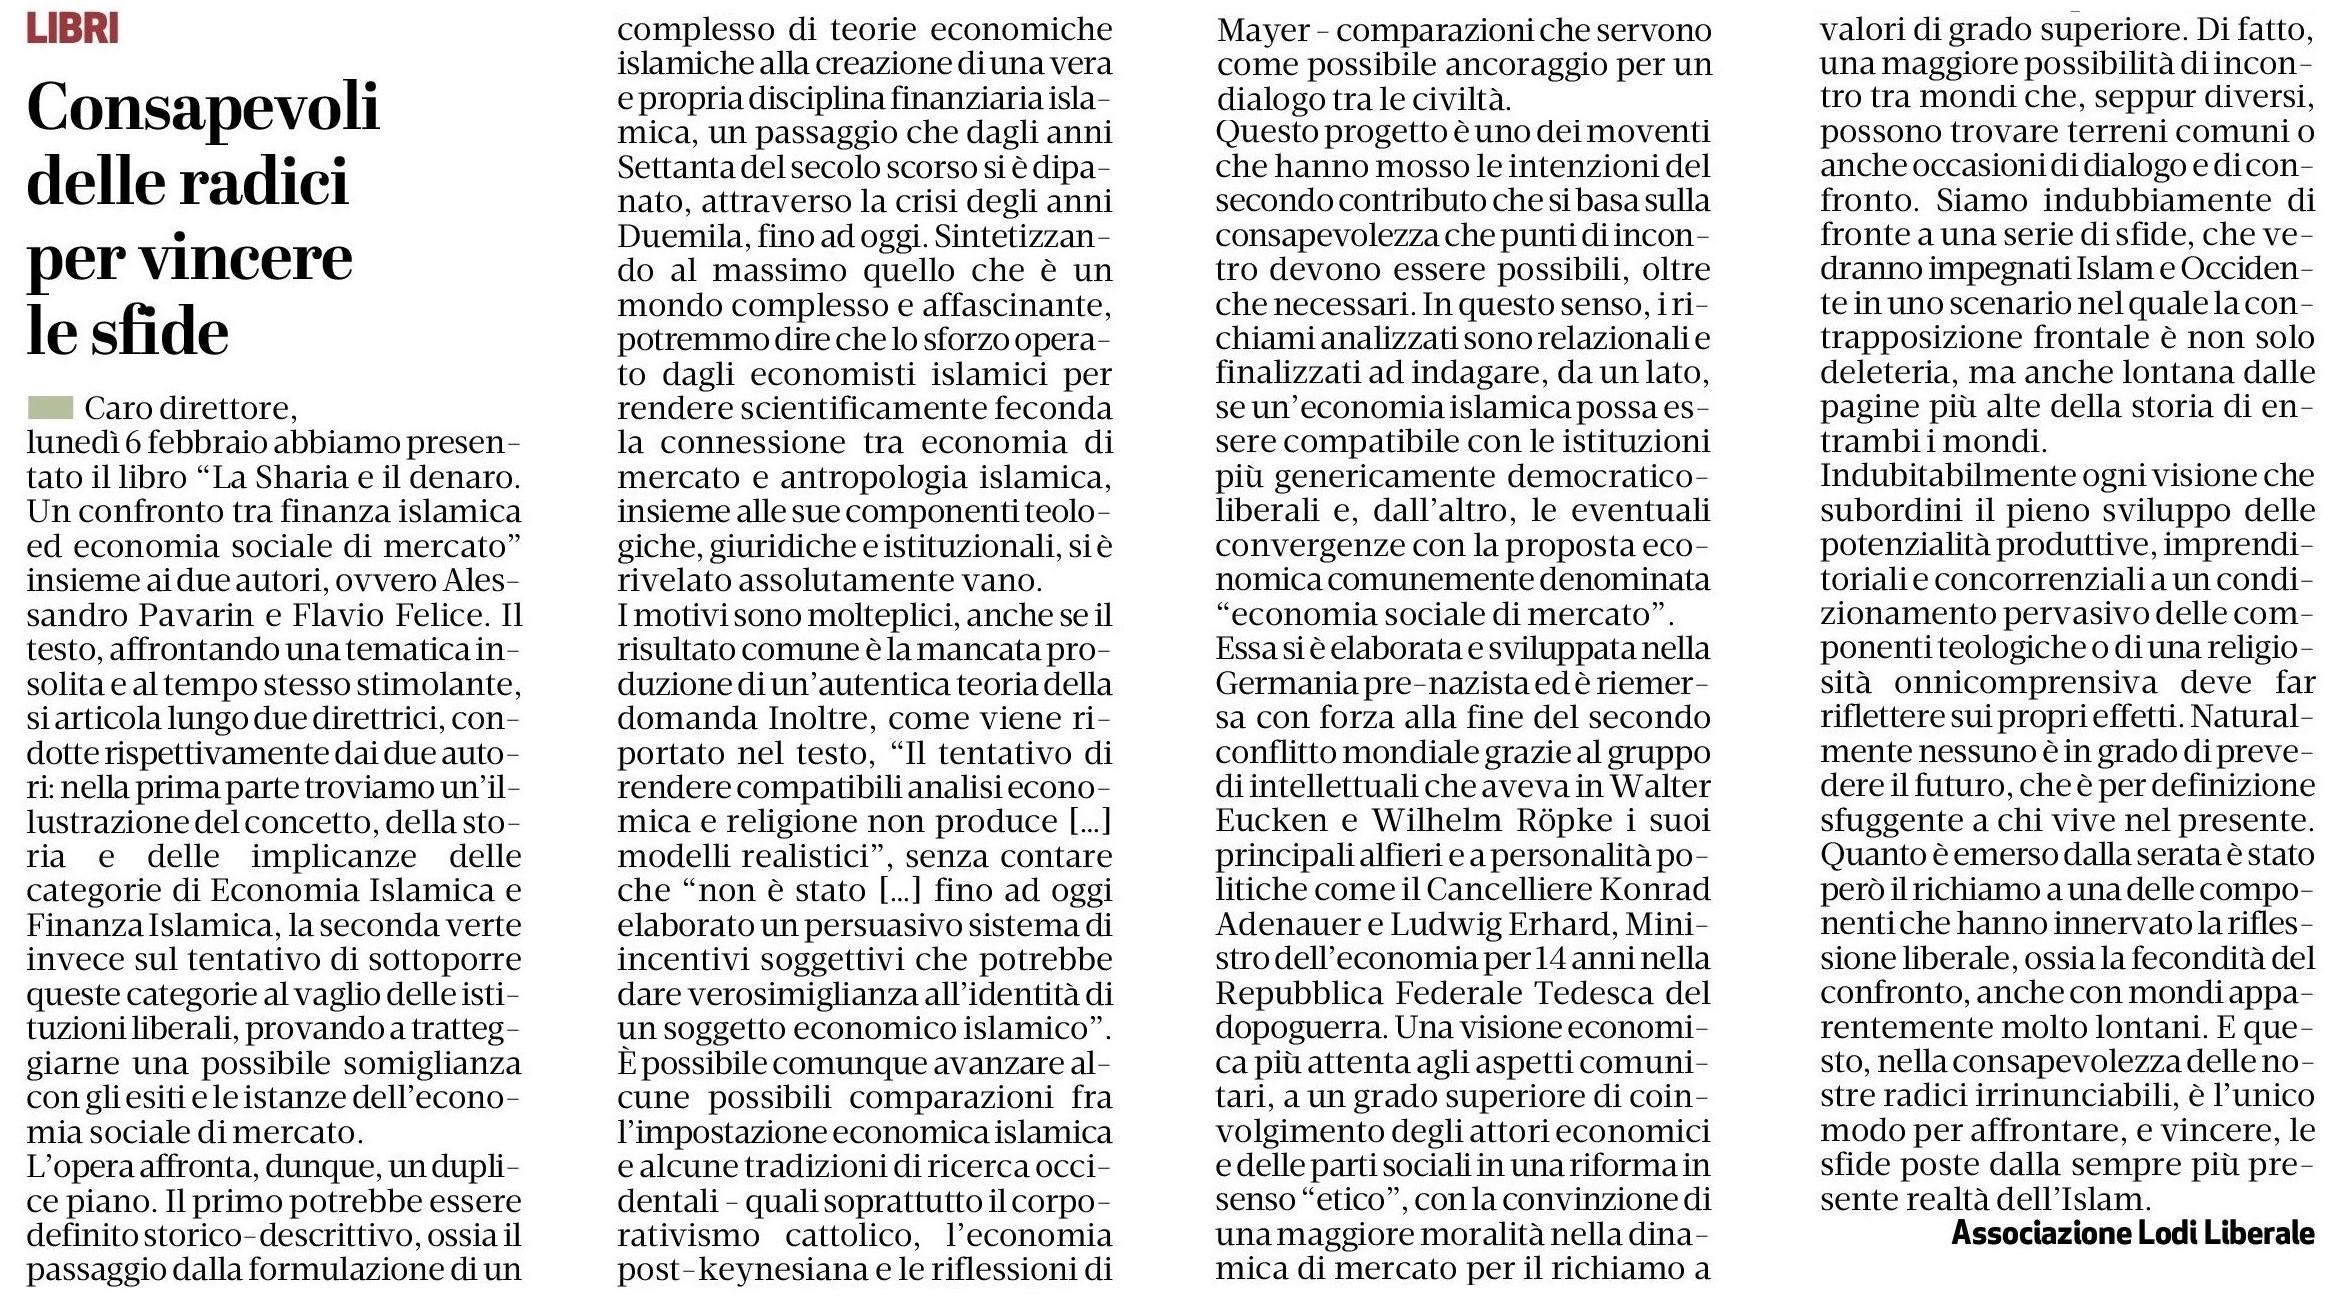 """Associazione Lodi Liberale - Presentazione del libro """"La sharia e il denaro"""" di Flavio Felice e Alessandro Pavarin, Maggi e Montini"""